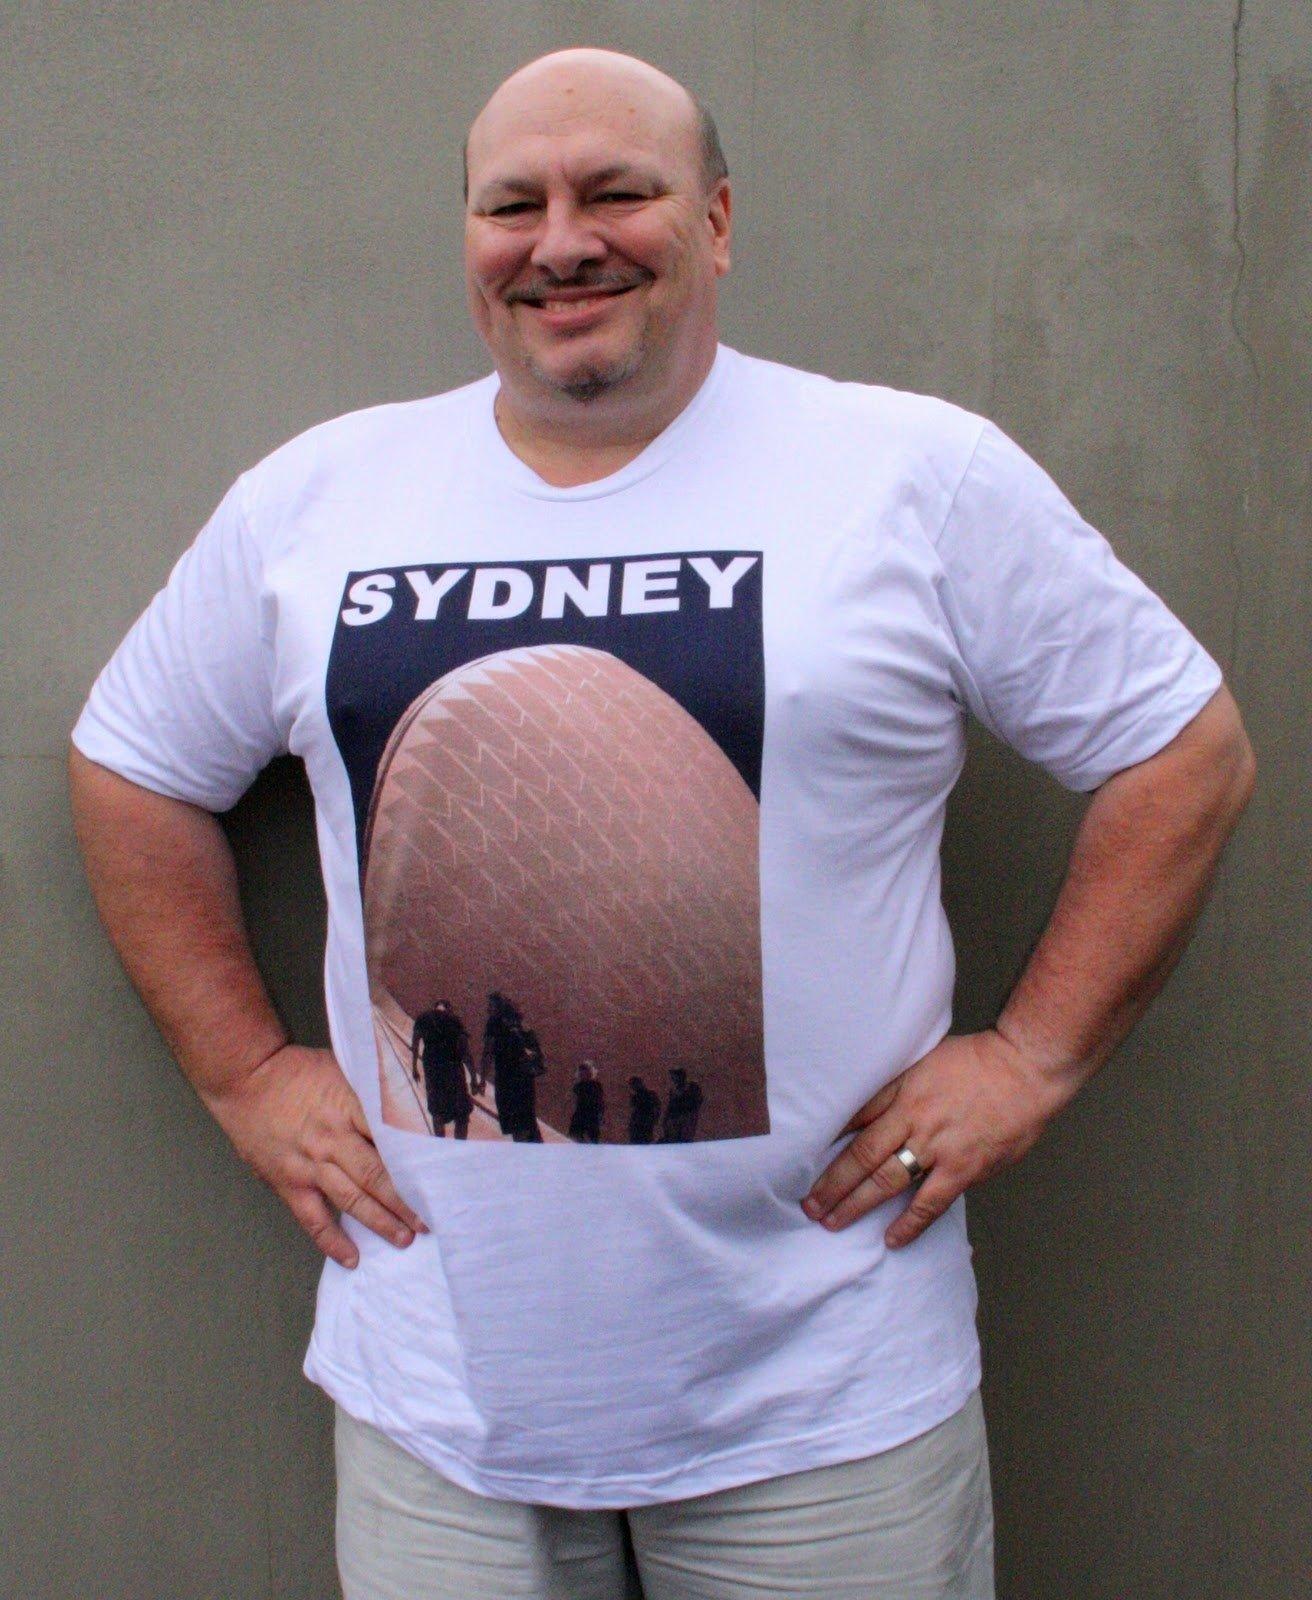 10 Best Bad Idea T Shirt Model bad idea t shirts t shirts design concept 1 2020